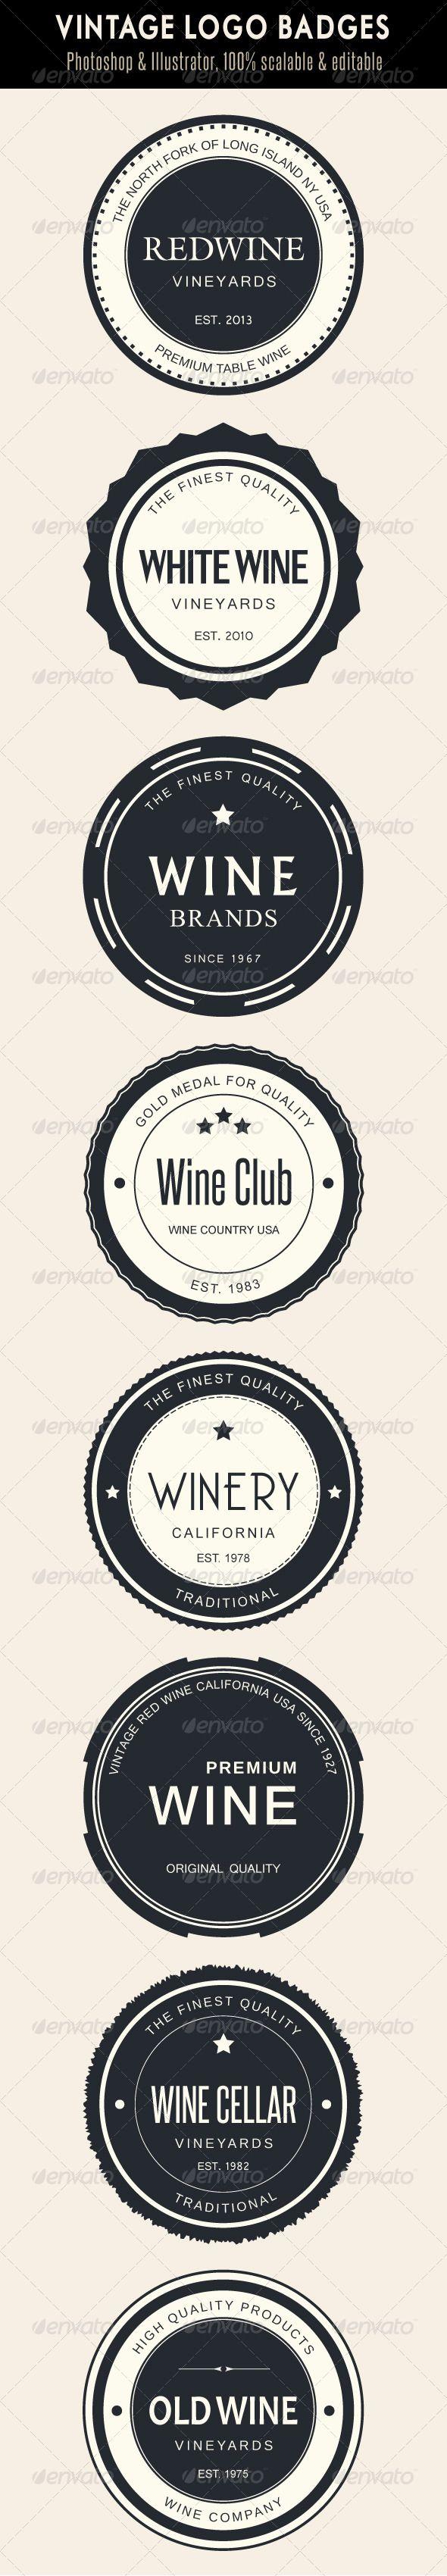 Vintage Logo Badges  - Badges & Stickers Web Elements Download here: https://graphicriver.net/item/vintage-logo-badges-/4116024?ref=alena994